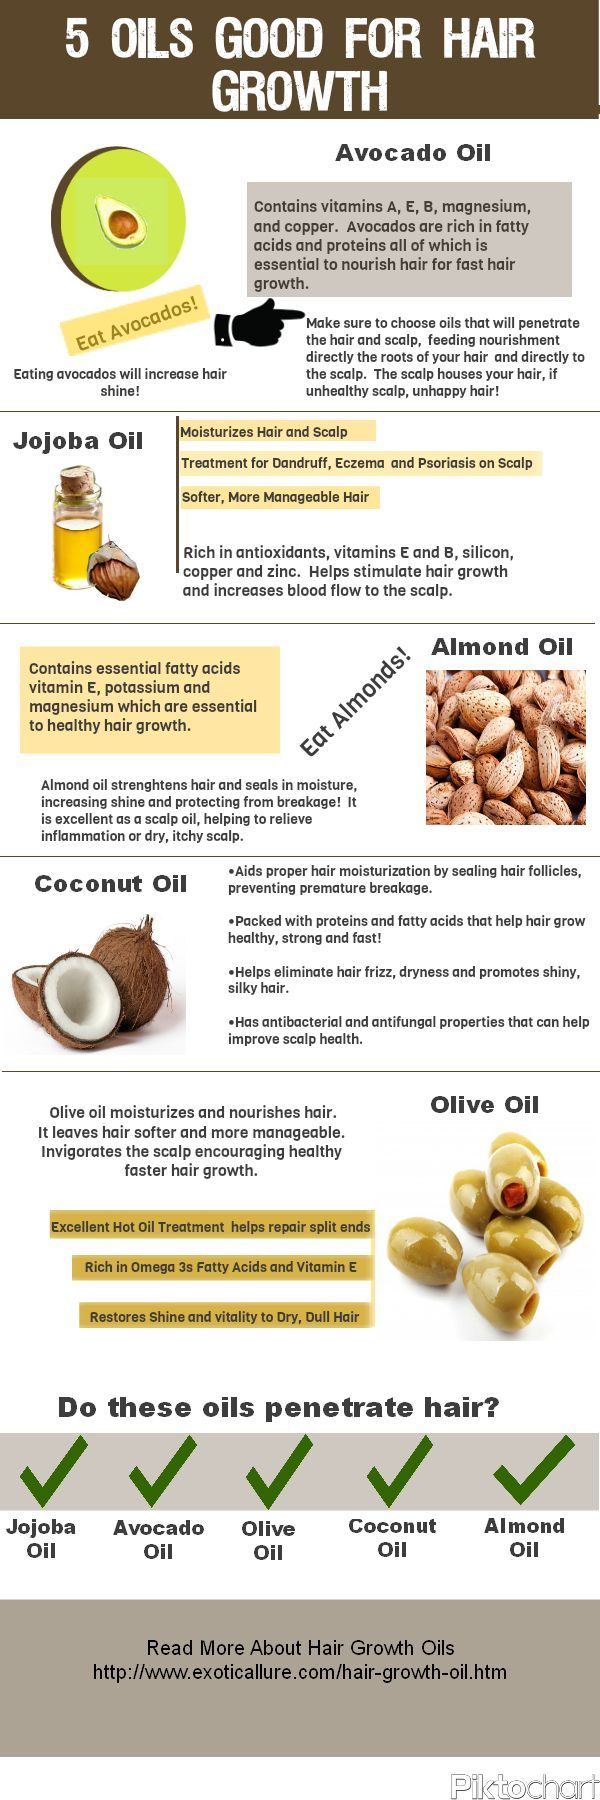 Oils Good For Hair Growth